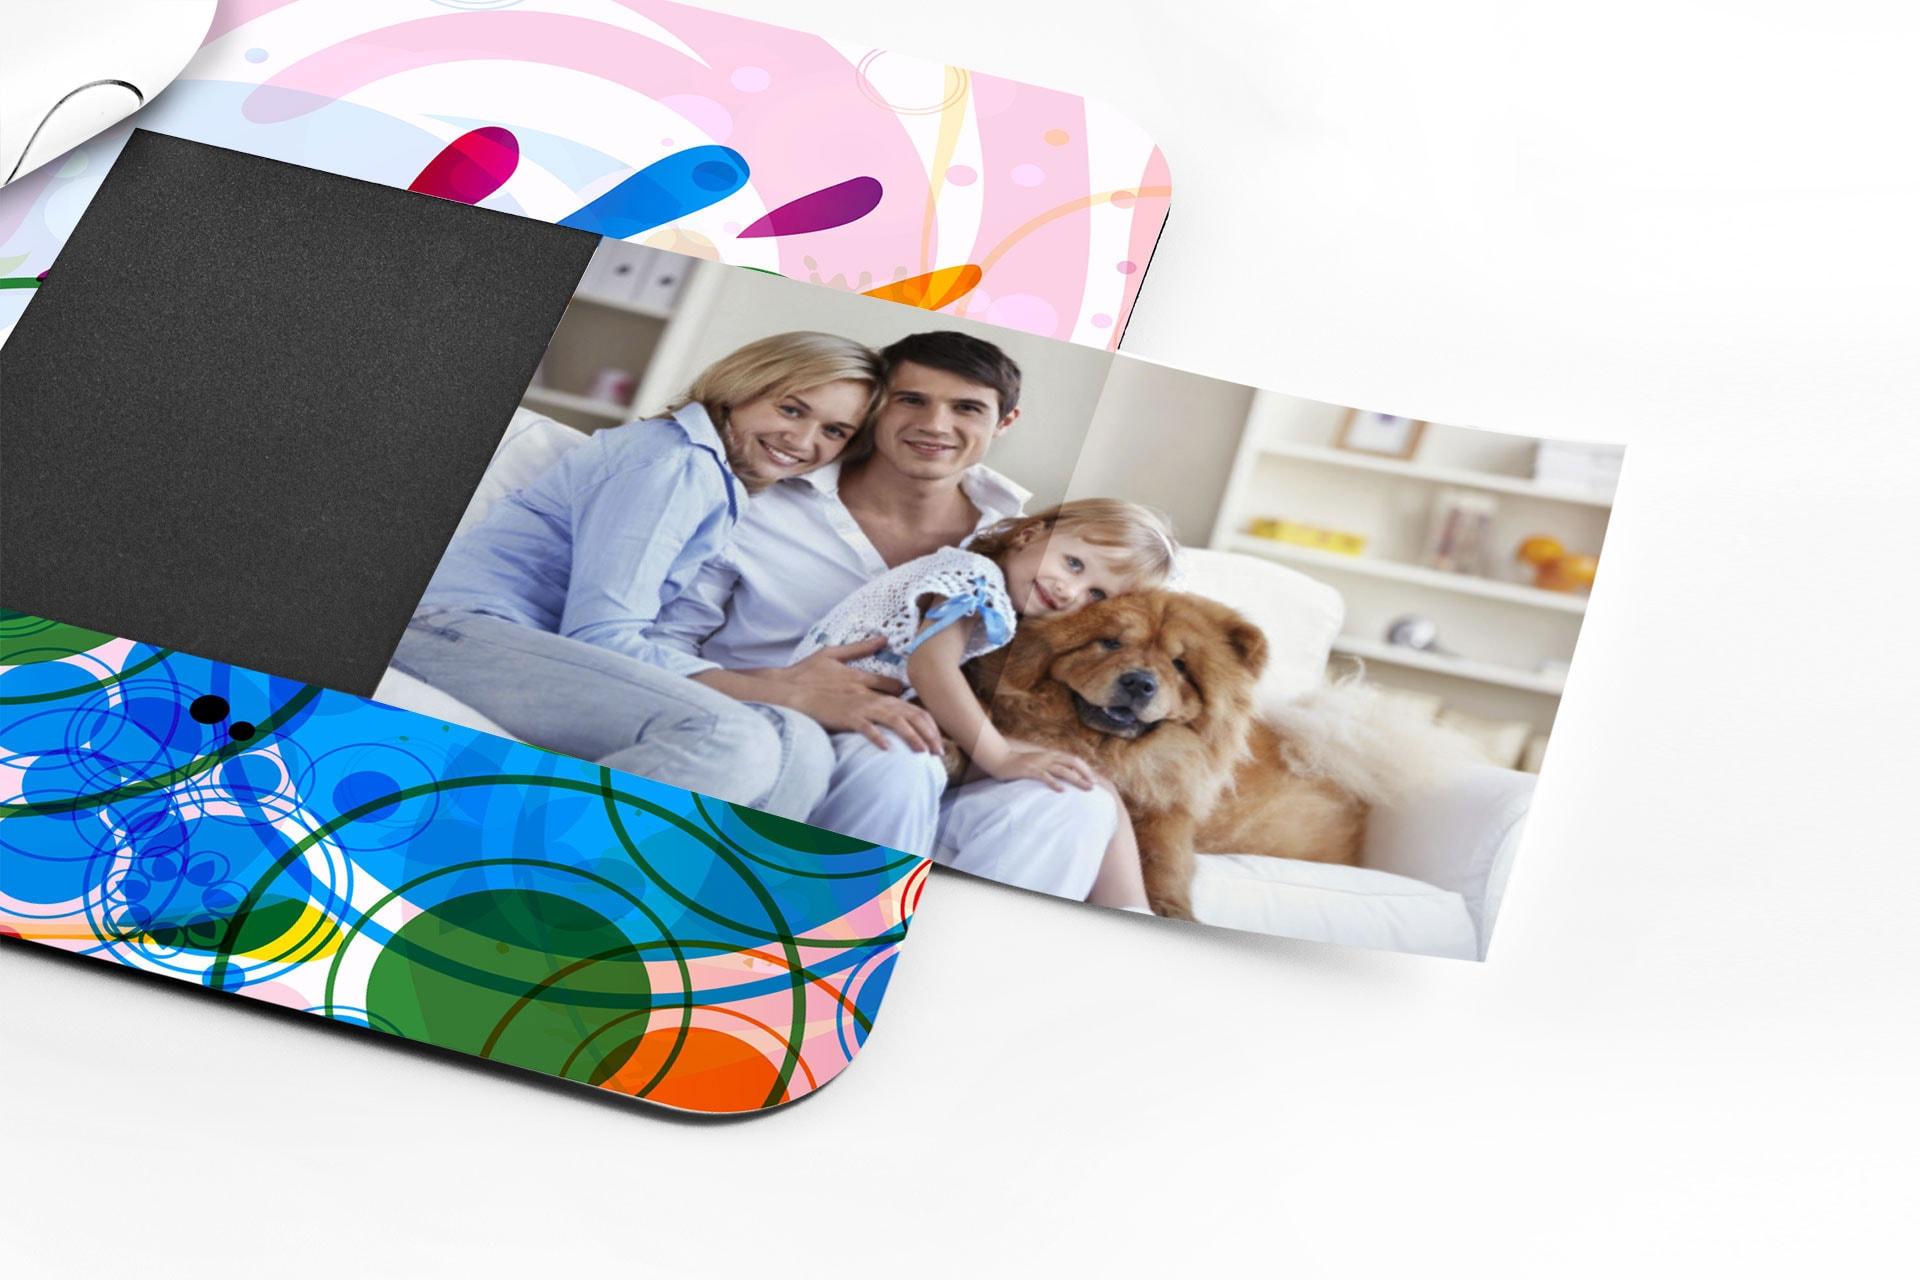 Tappetini mouse promozionali con tasca portafoto